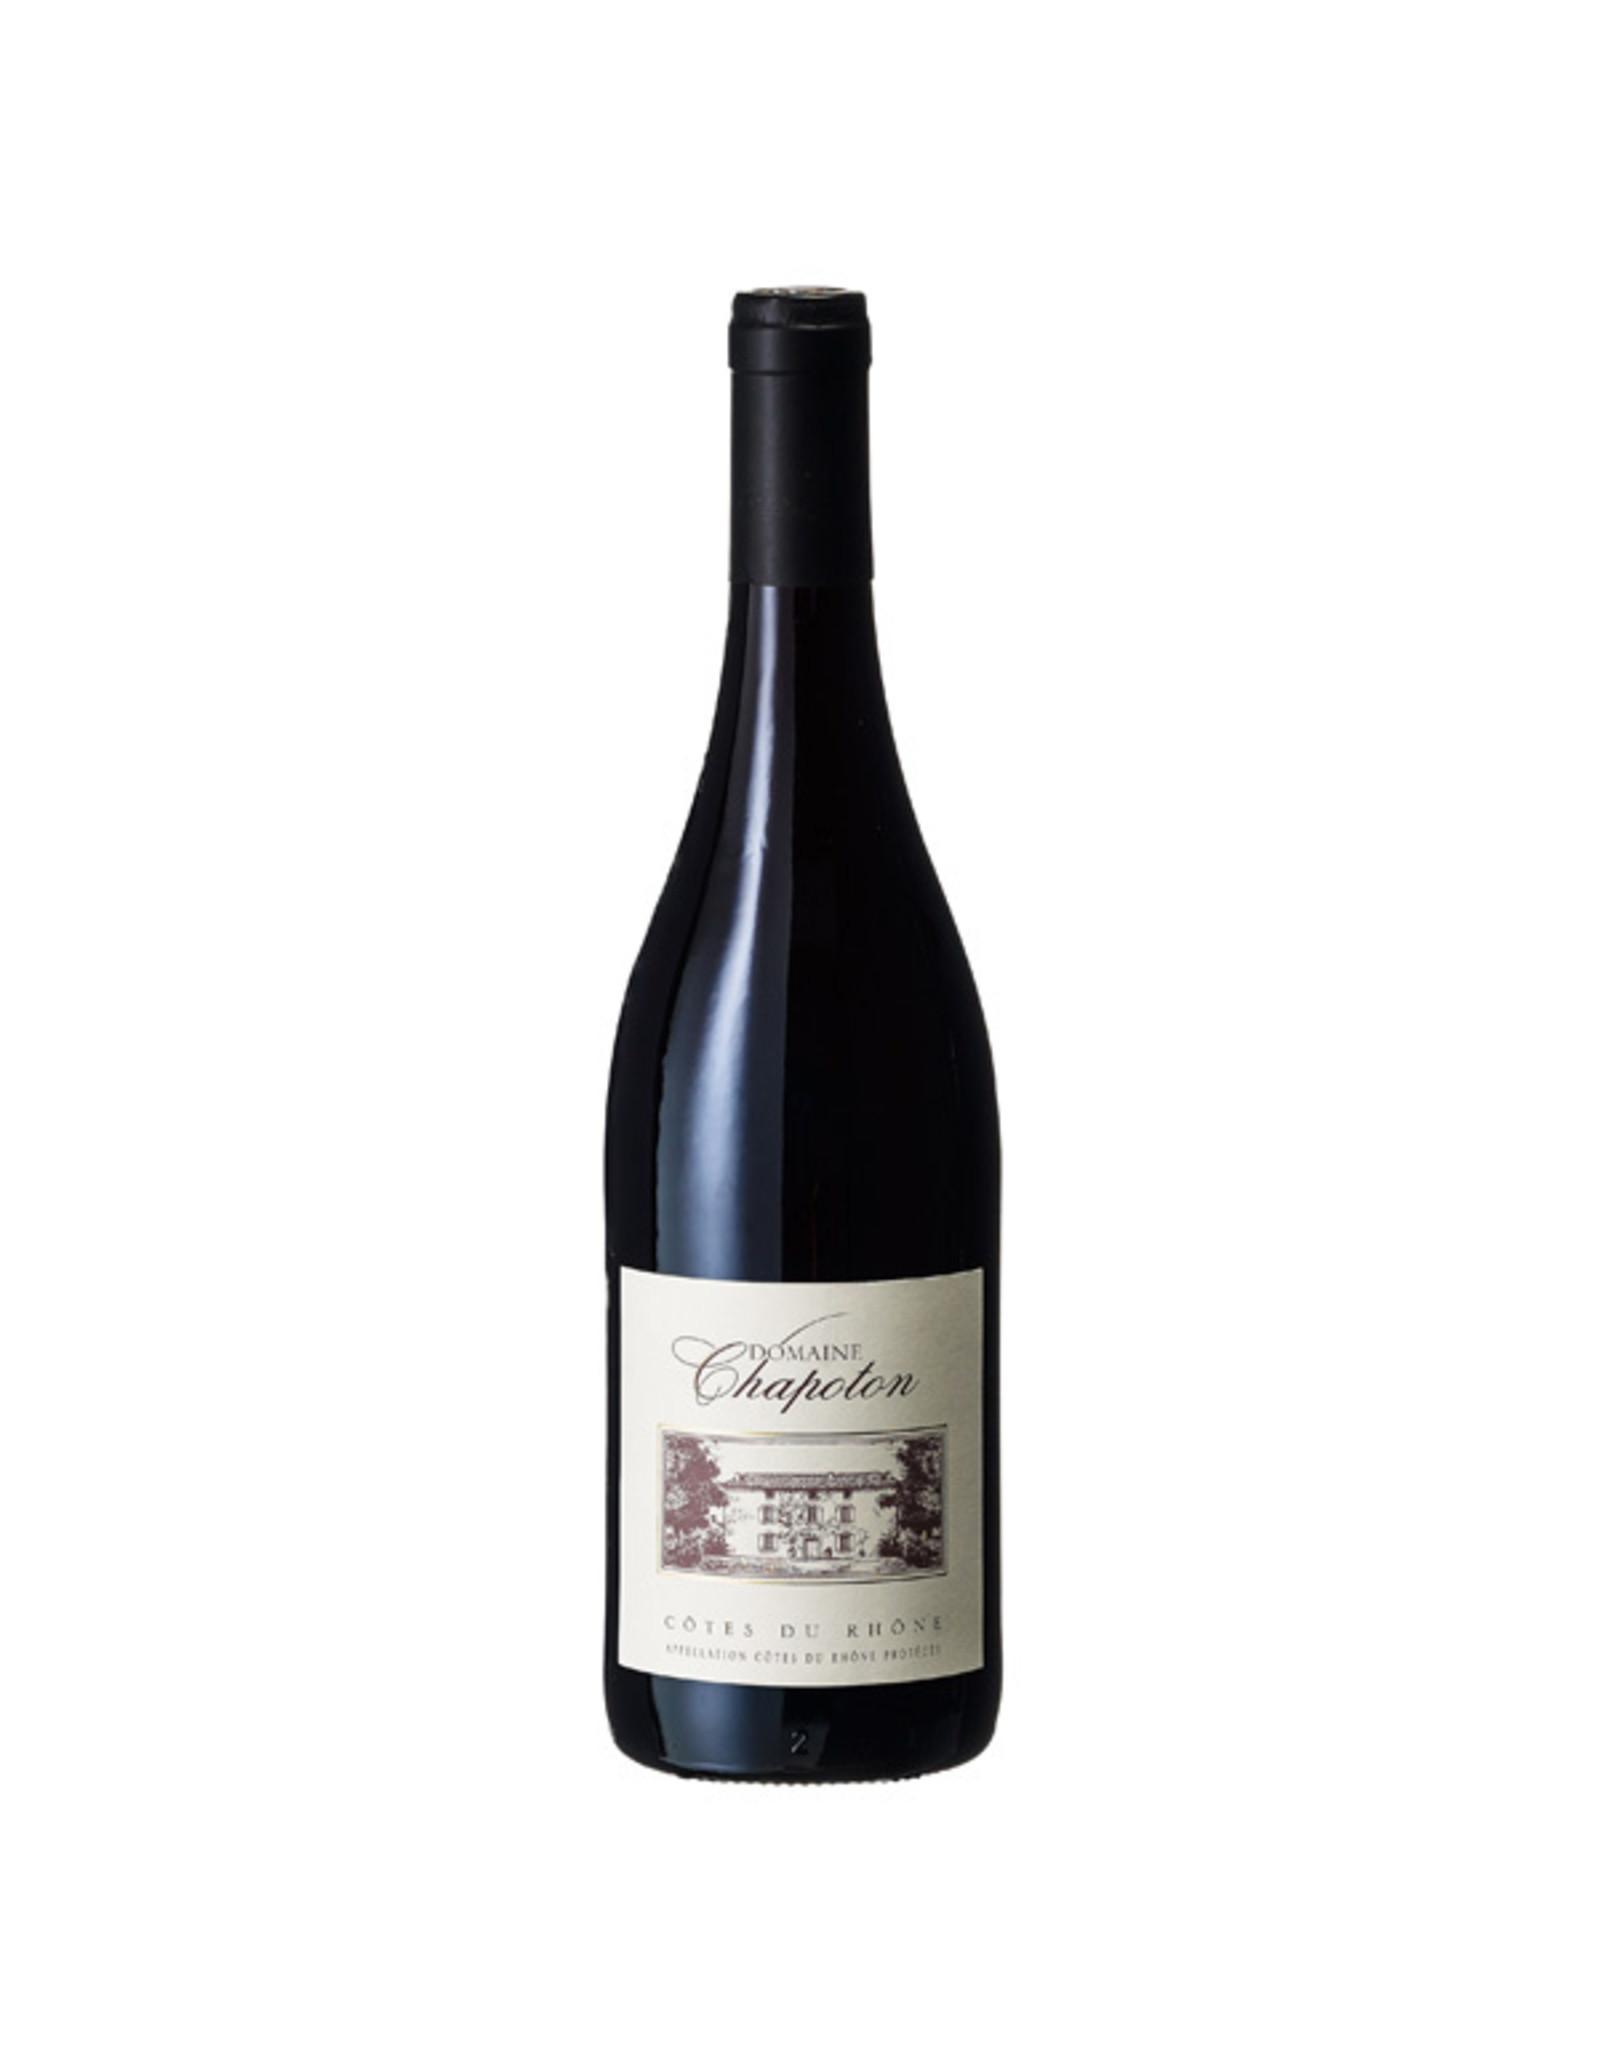 Domaine Chapoton, Saint-Cécile-les-Vignes Chapoton Côtes du Rhône rouge 2020